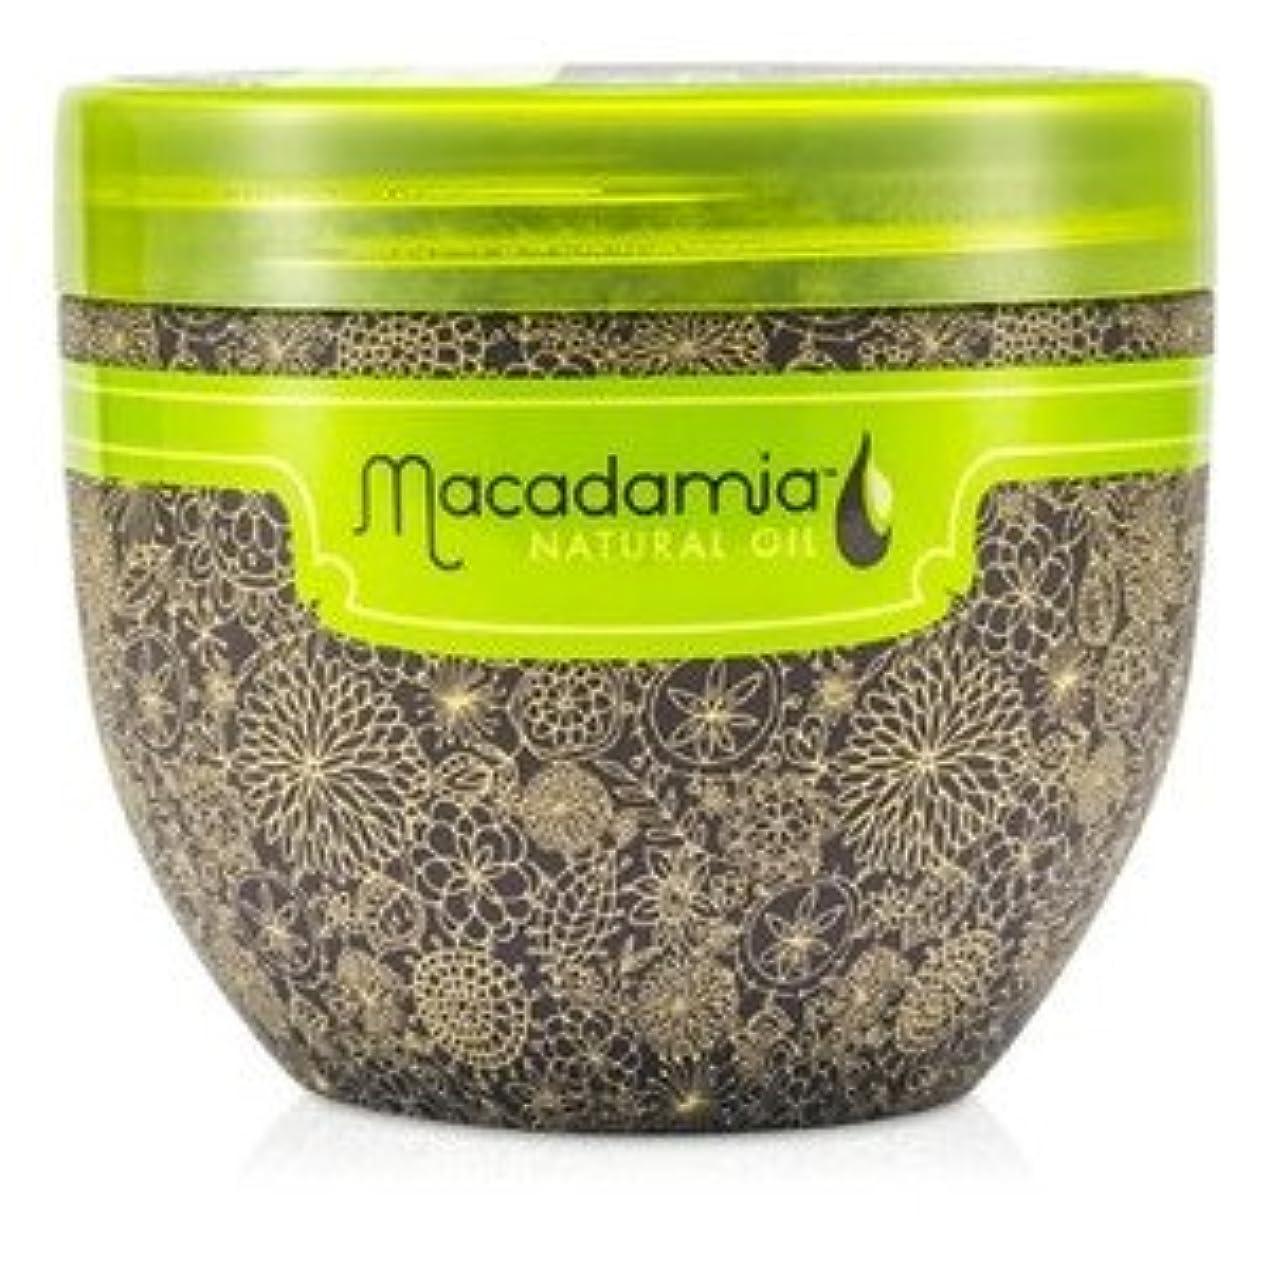 激しいとても分割マカダミア ナチュラルオイル(Macadamia NATURAL OIL) ディープリペアマスク(ドライ、ダメージヘア) 500ml/16.9oz [並行輸入品]